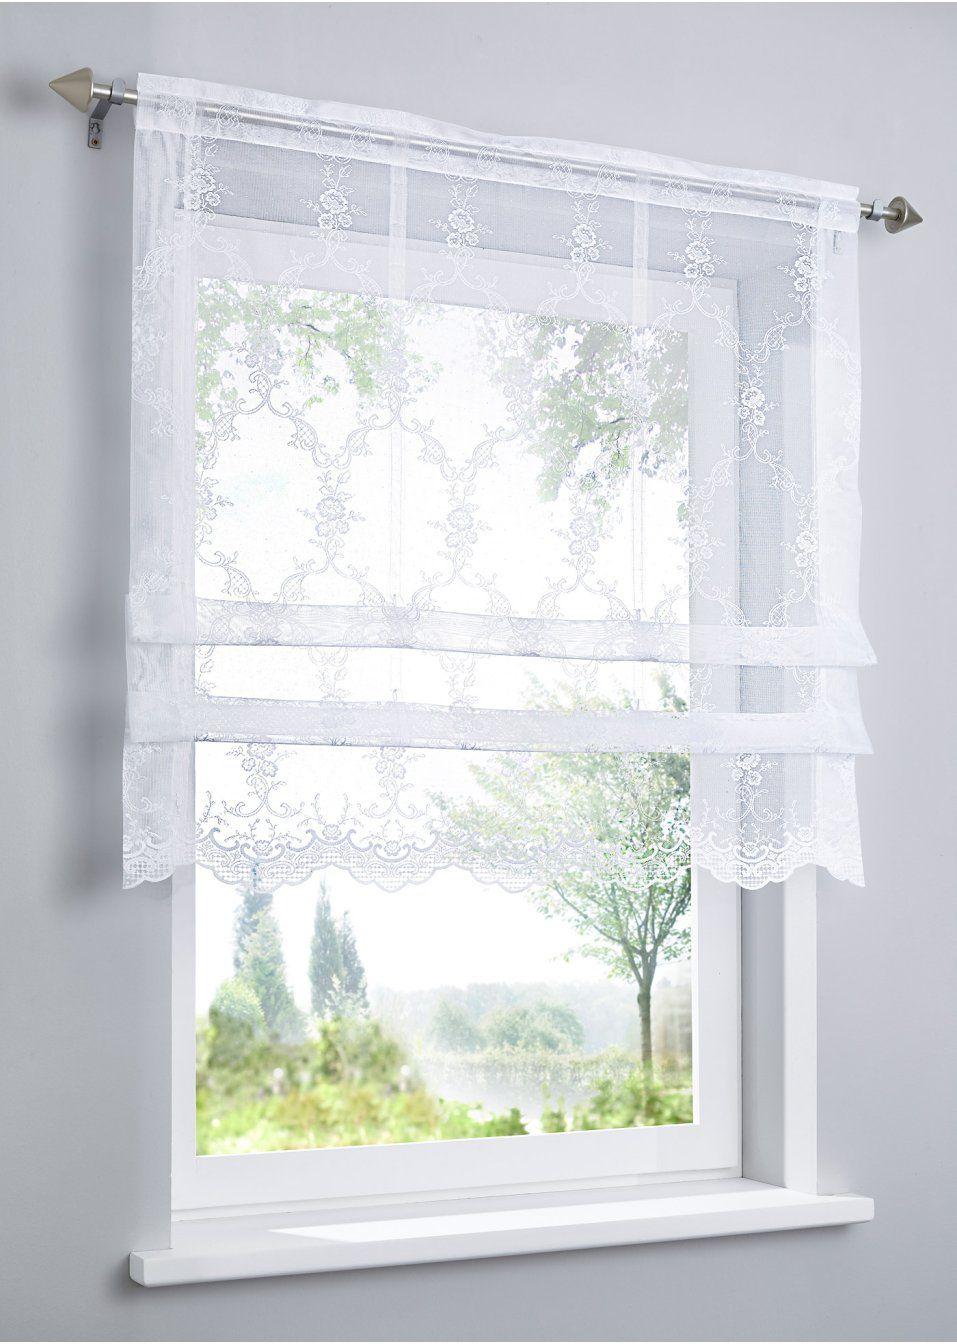 Edle Optik Weiß Tunnelzug Scheibengardinen Wohnzimmer Küchenfenster Gardinen Selbstgemachte Vorhänge